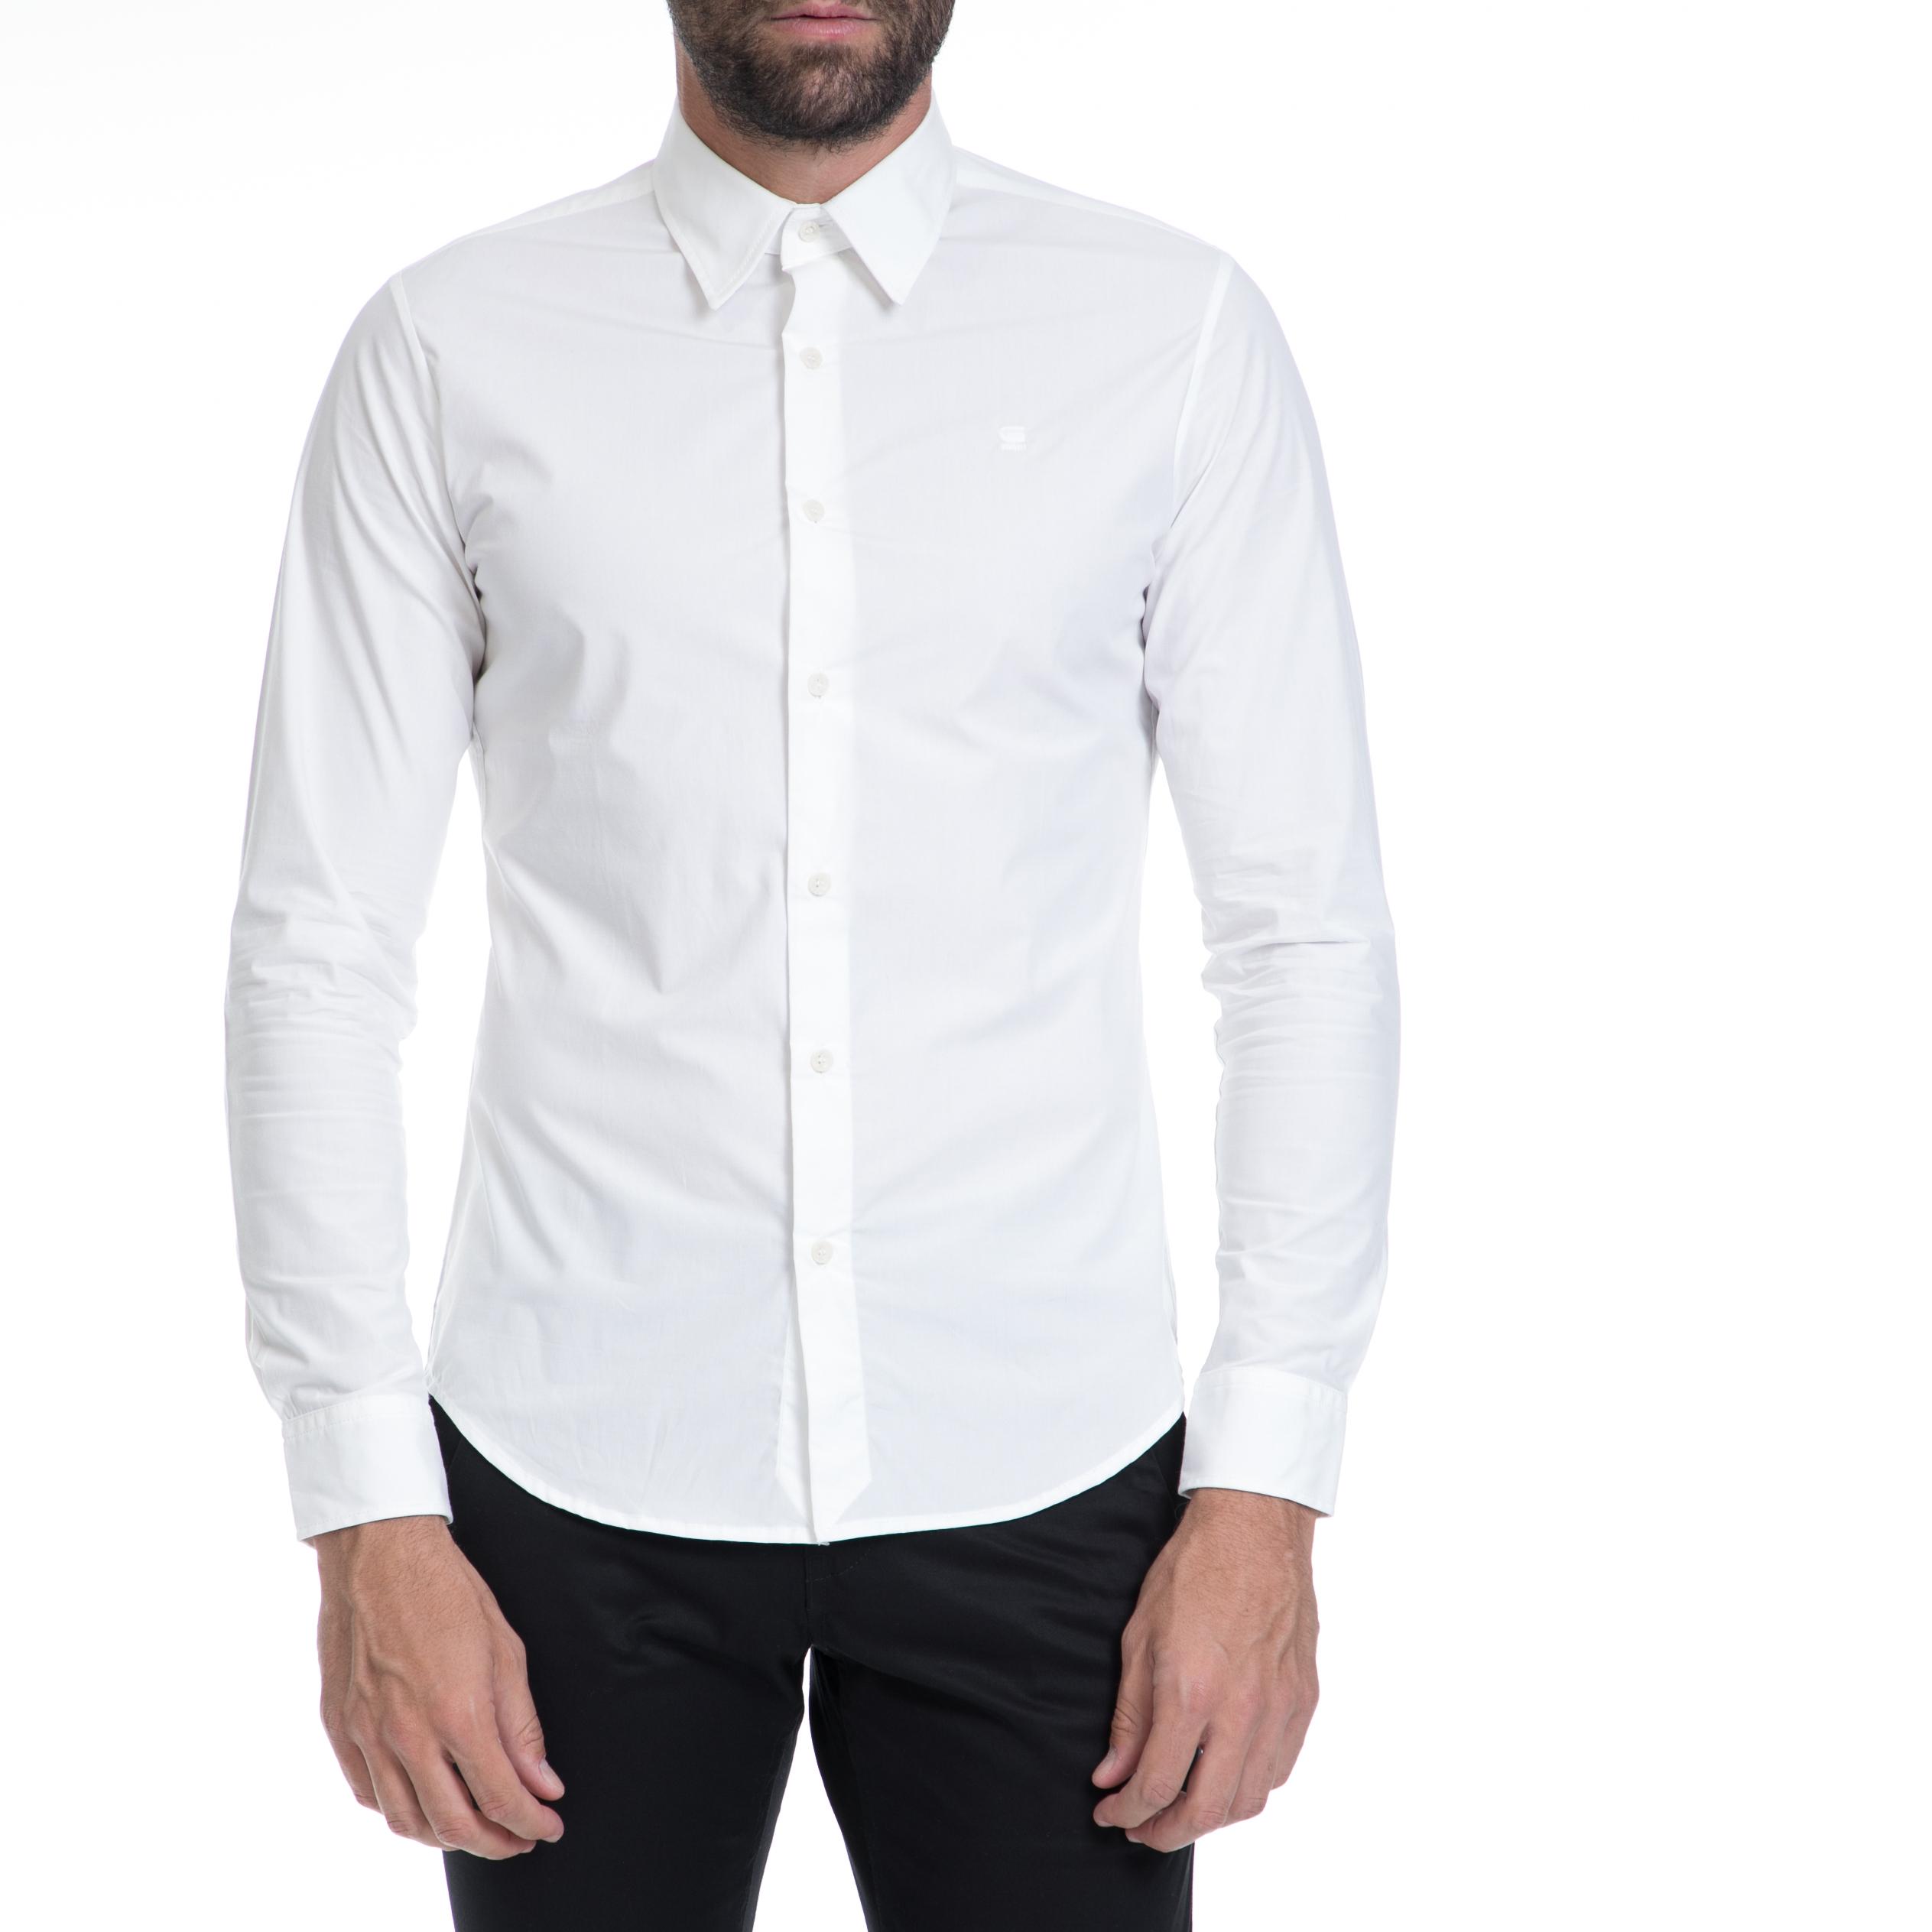 G-STAR RAW – Αντρικό πουκάμισο G-STAR RAW λευκό